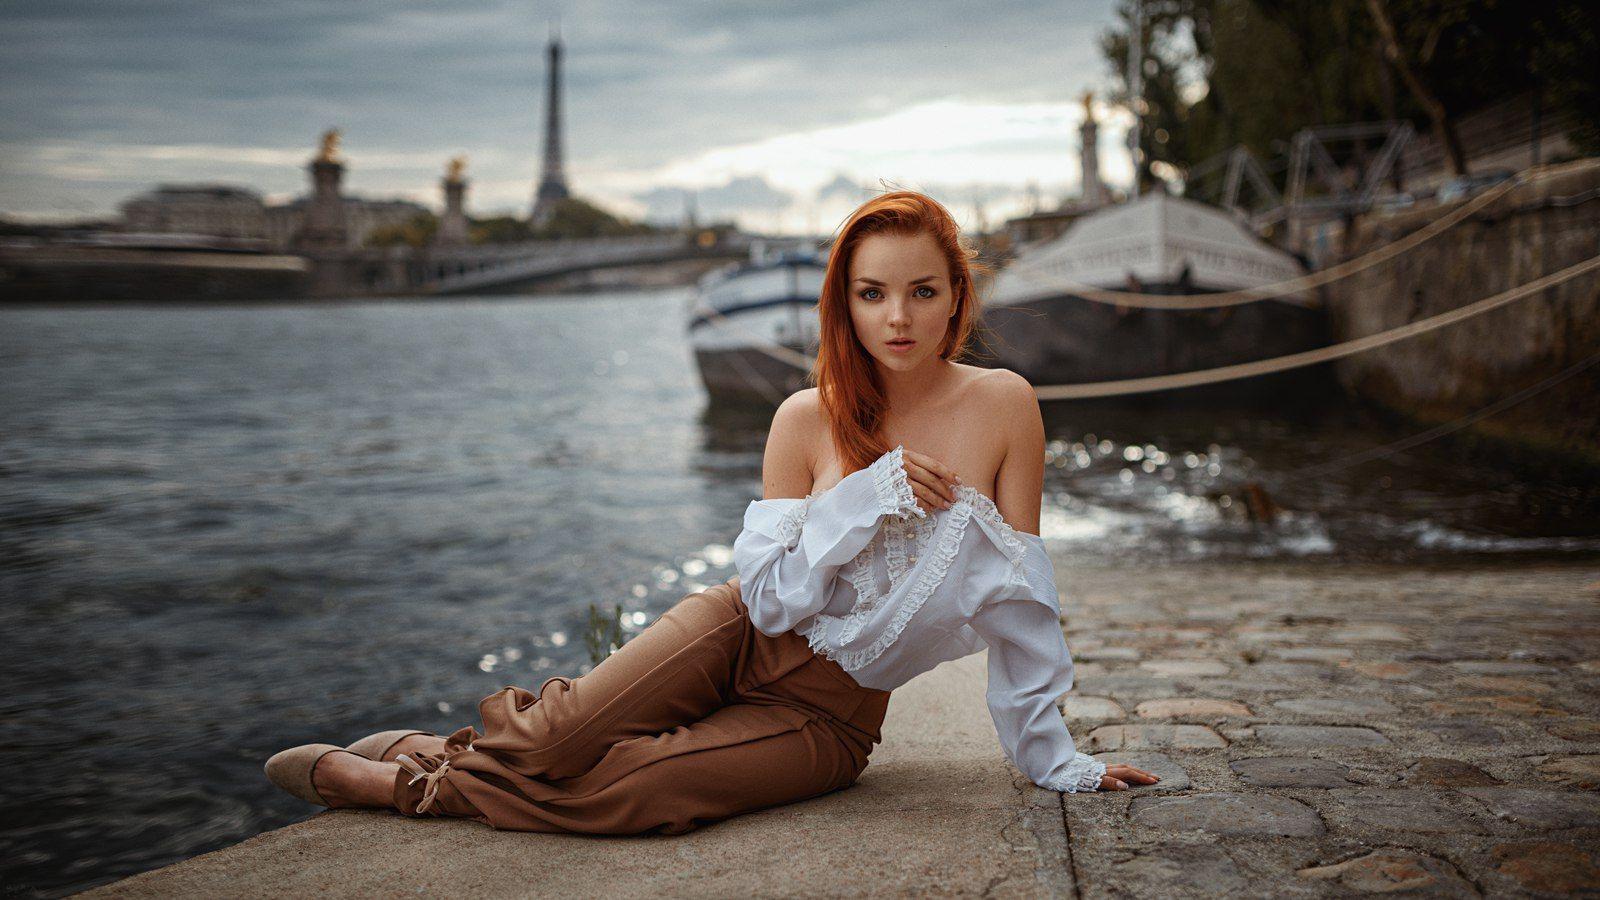 Екатерина Шержукова   Женский портрет, Модели, Фотография лиц